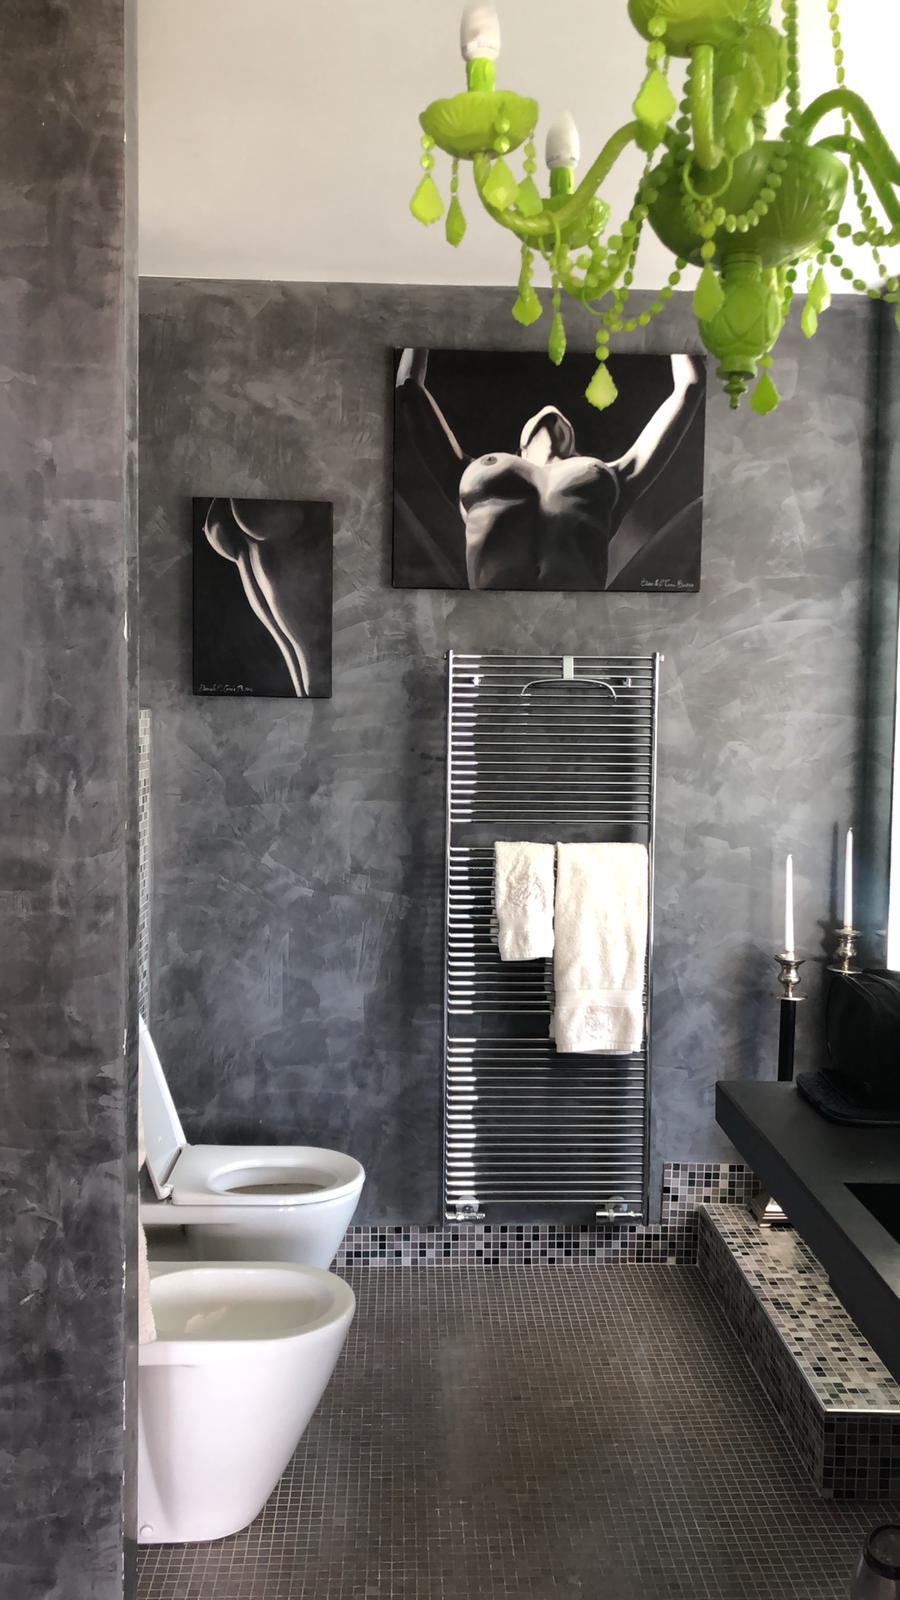 Идеи для ванной комнаты от Наташи Стефаненко, люстра